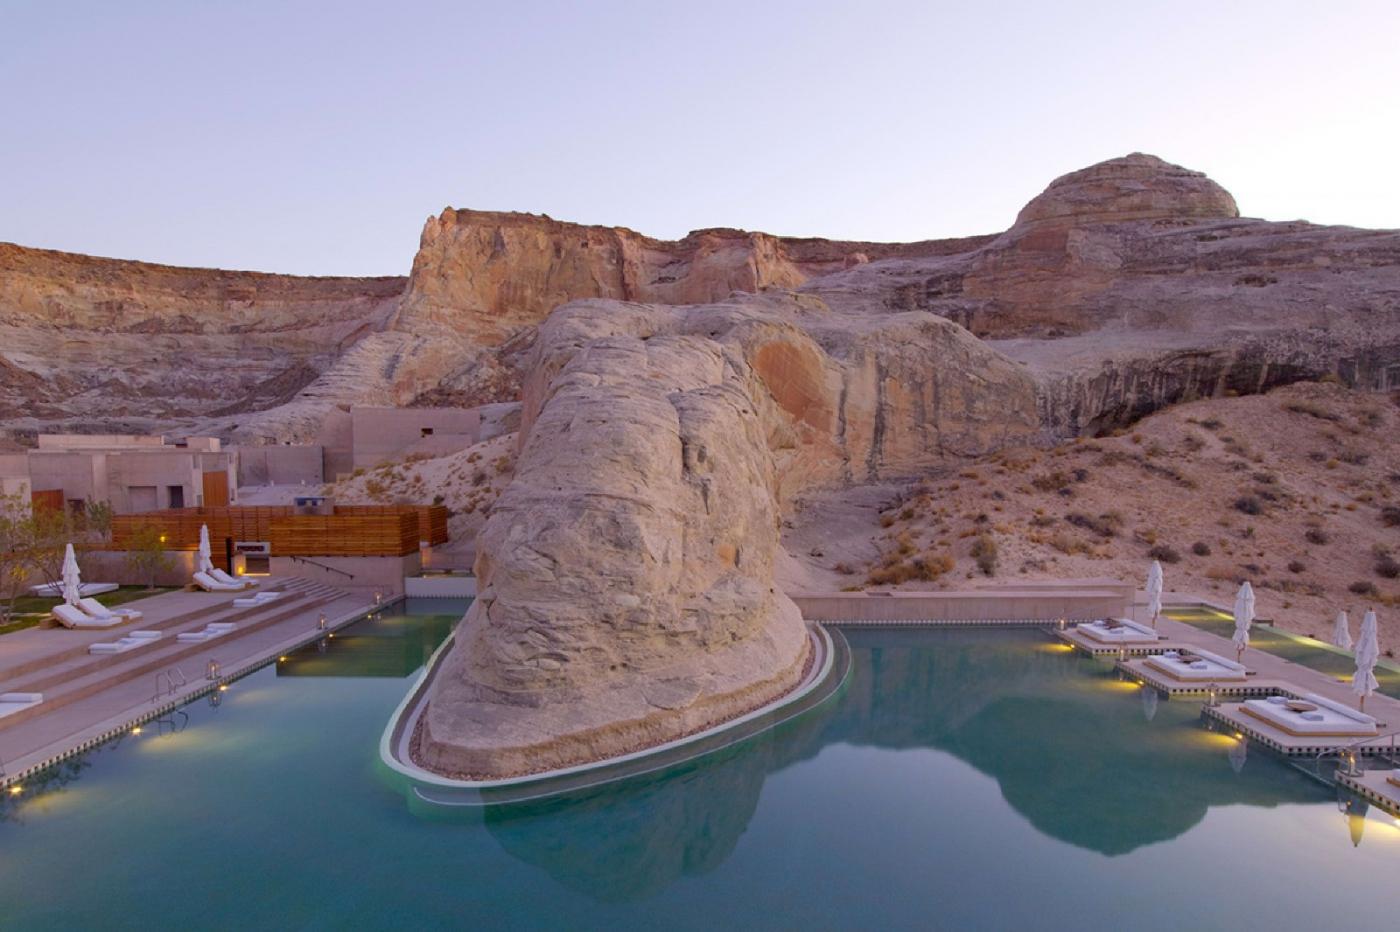 体验生活:去戈壁滩大沙漠试住两晚_图1-3